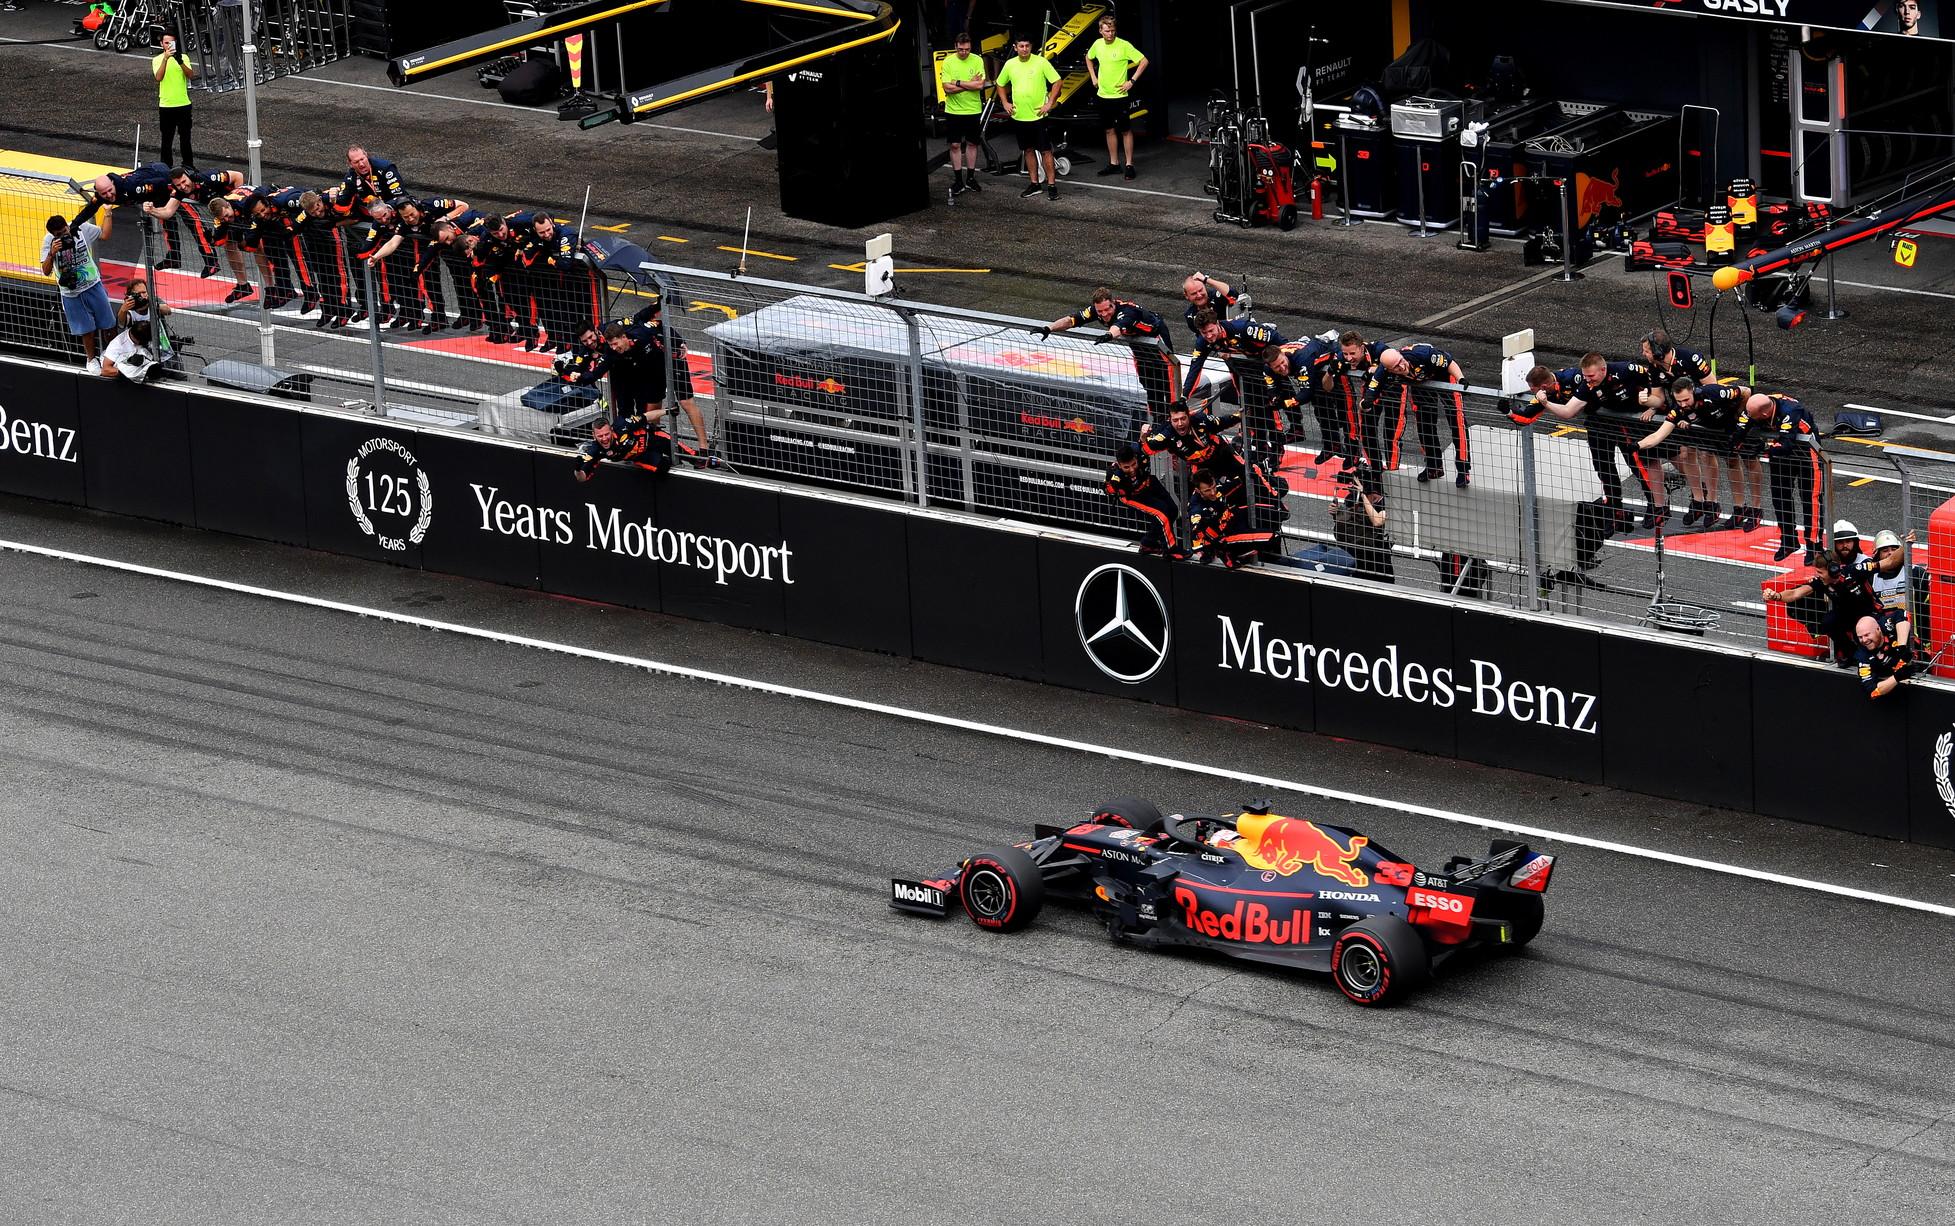 Il meteo regala una gara pazza:disastro Mercedes, Vettelsecondo, Leclerc out